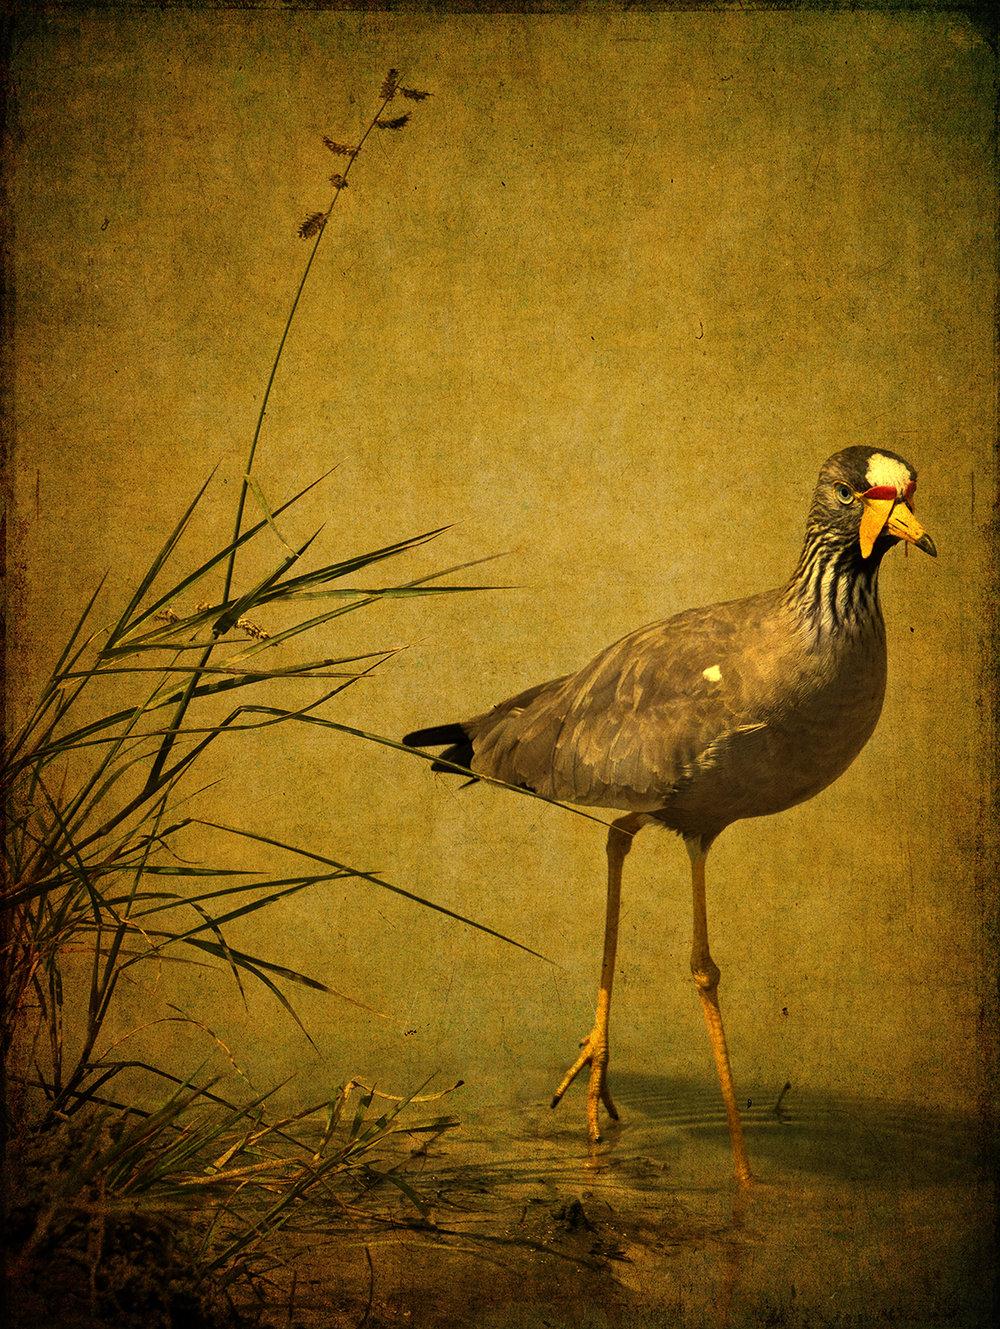 PEC_Bird In Reeds_1349 copy.jpg